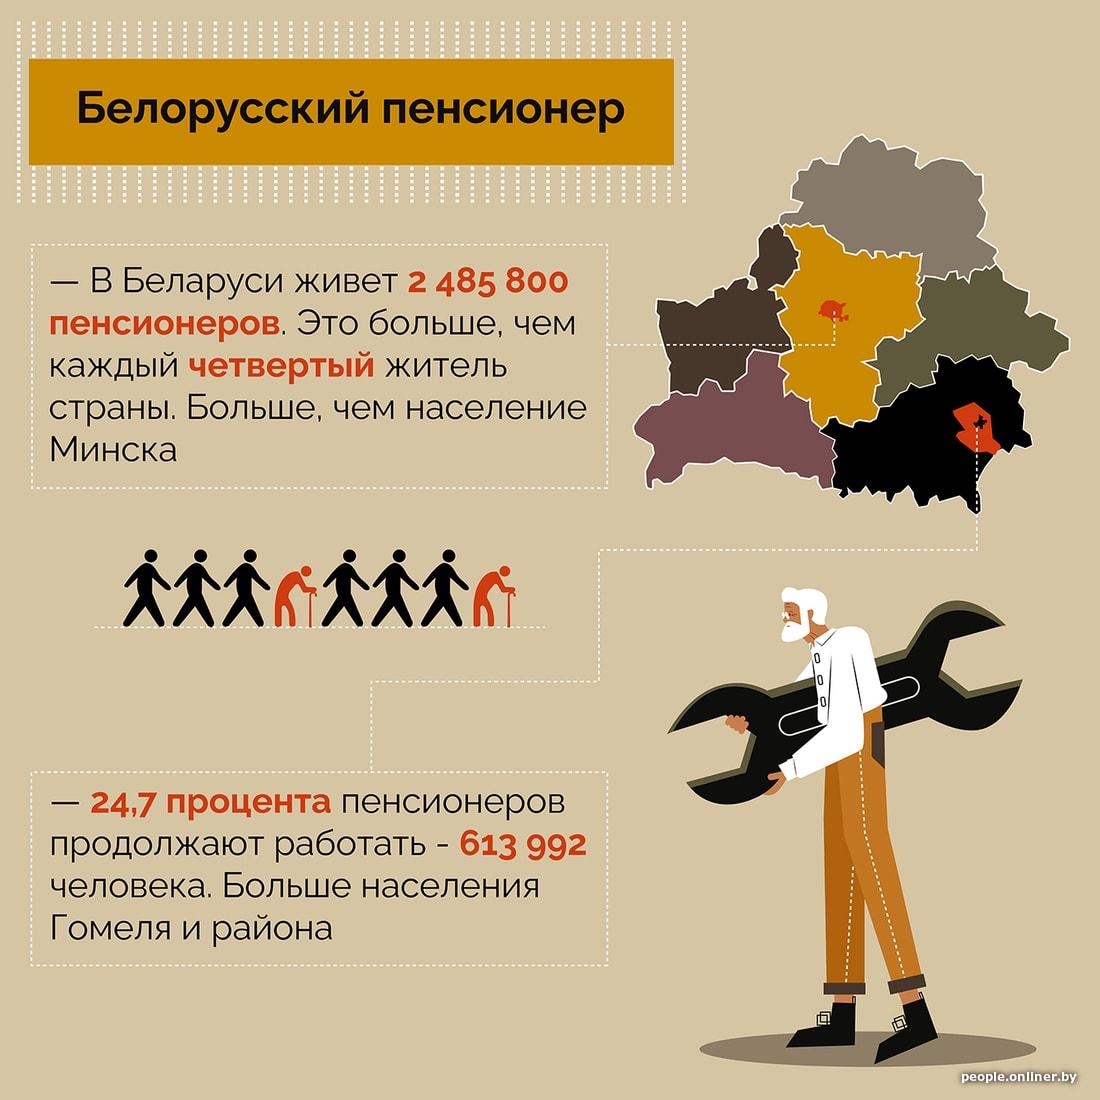 Калькулятор пенсия в беларуси потребительскую корзину по финансам